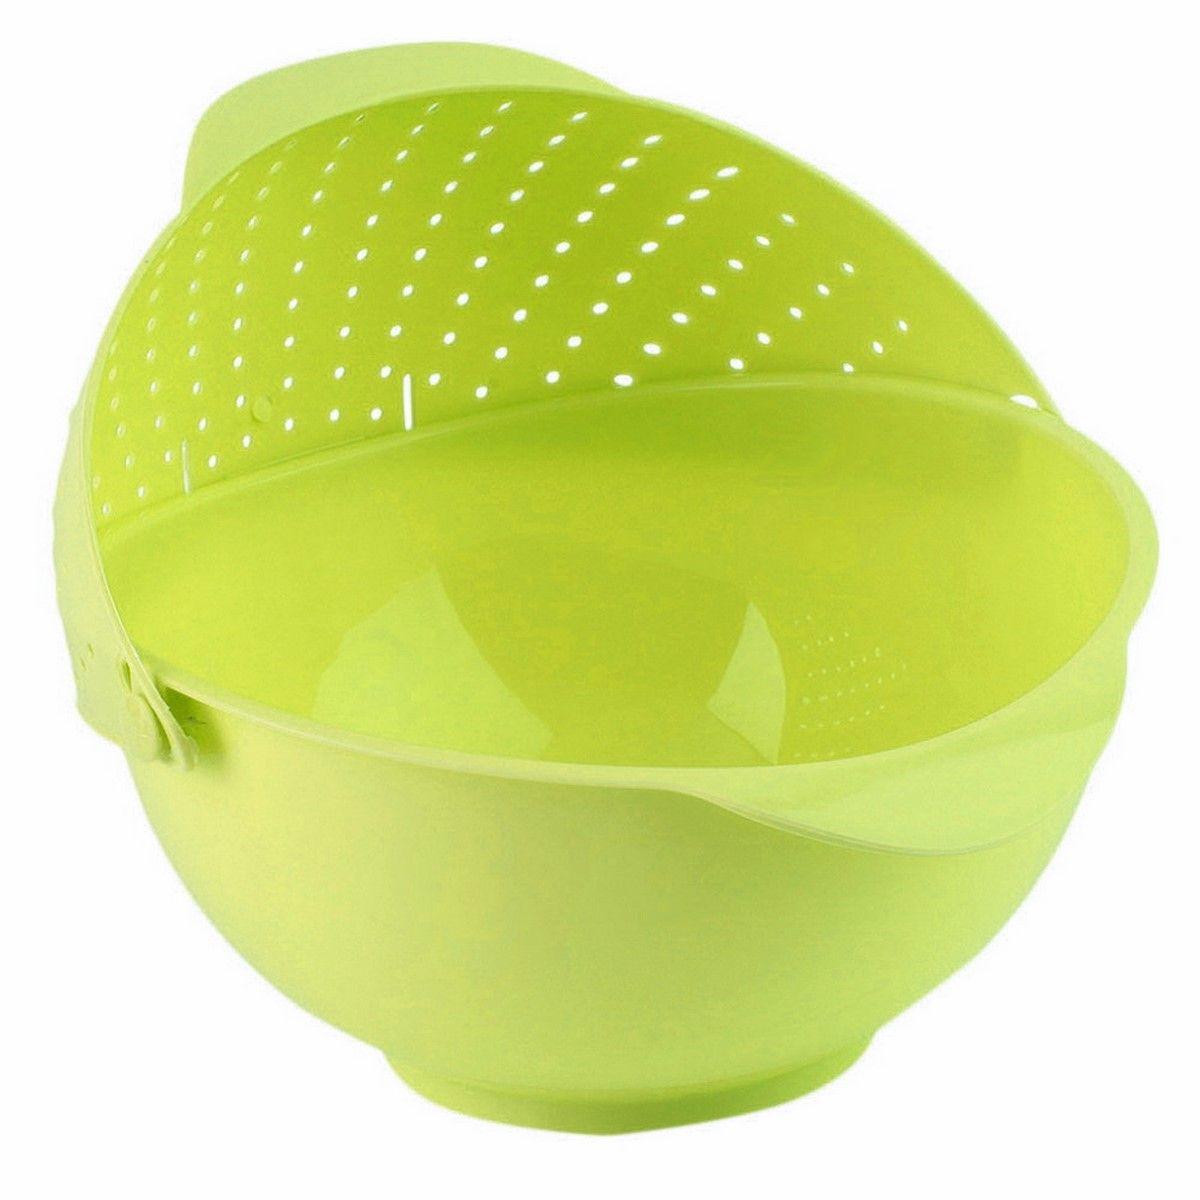 Дуршлаг-чаша Ruges Фильтрен, цвет: светло-зеленый, 27 х 25 х 11 смK-59Ruges Фильтрен - это вместительная пластиковая чаша с перекидным дуршлагом на ободе. Изделие выполнено из пластика. Удобство в том, что пусть вы собрали фрукты в чашу - заливайте в ней же водой, мойте и сливайте воду, наклонив чашу в сторону дуршлага. То же самое с зеленью или замоченными крупами. Размеры: 27 х 25 х 11 см.Объем: 2,7 л.Вес: 175 г.